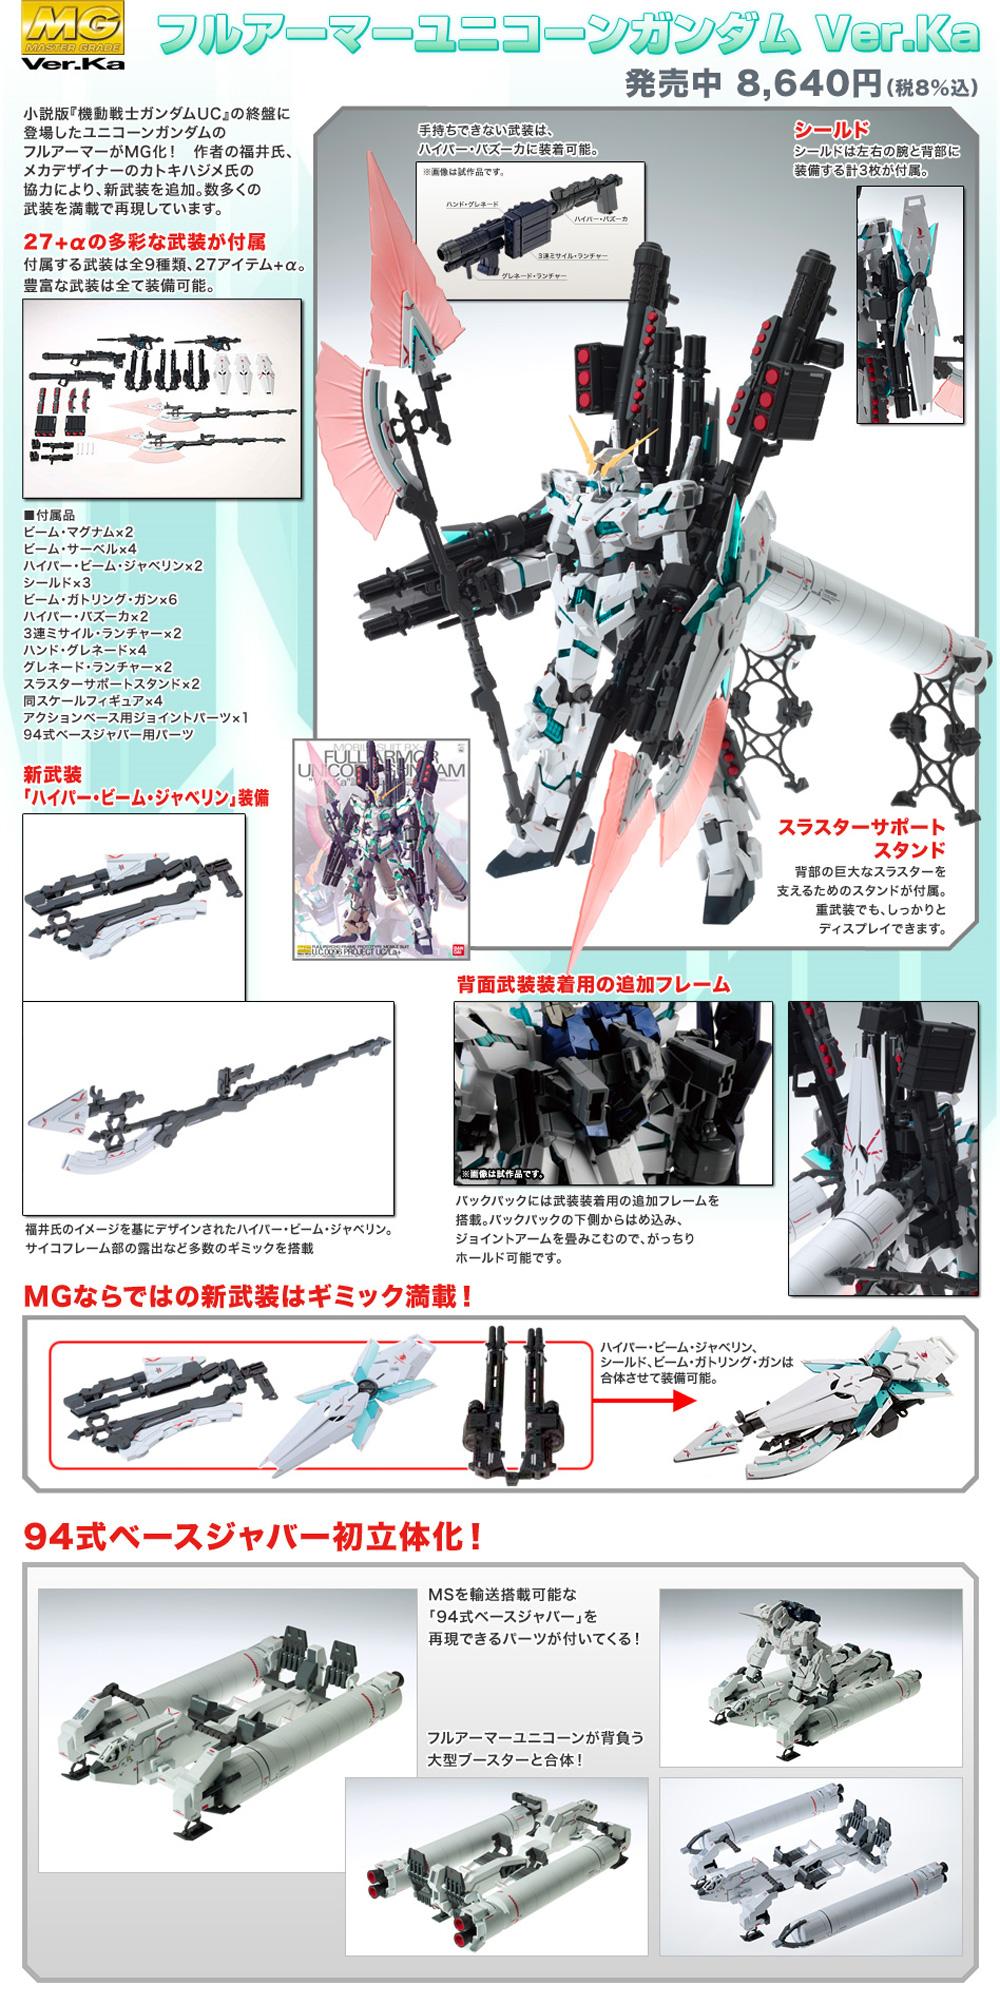 RX-0 フルアーマーユニコーンガンダム Ver.Kaプラモデル(バンダイMASTER GRADE (マスターグレード)No.0172818)商品画像_4